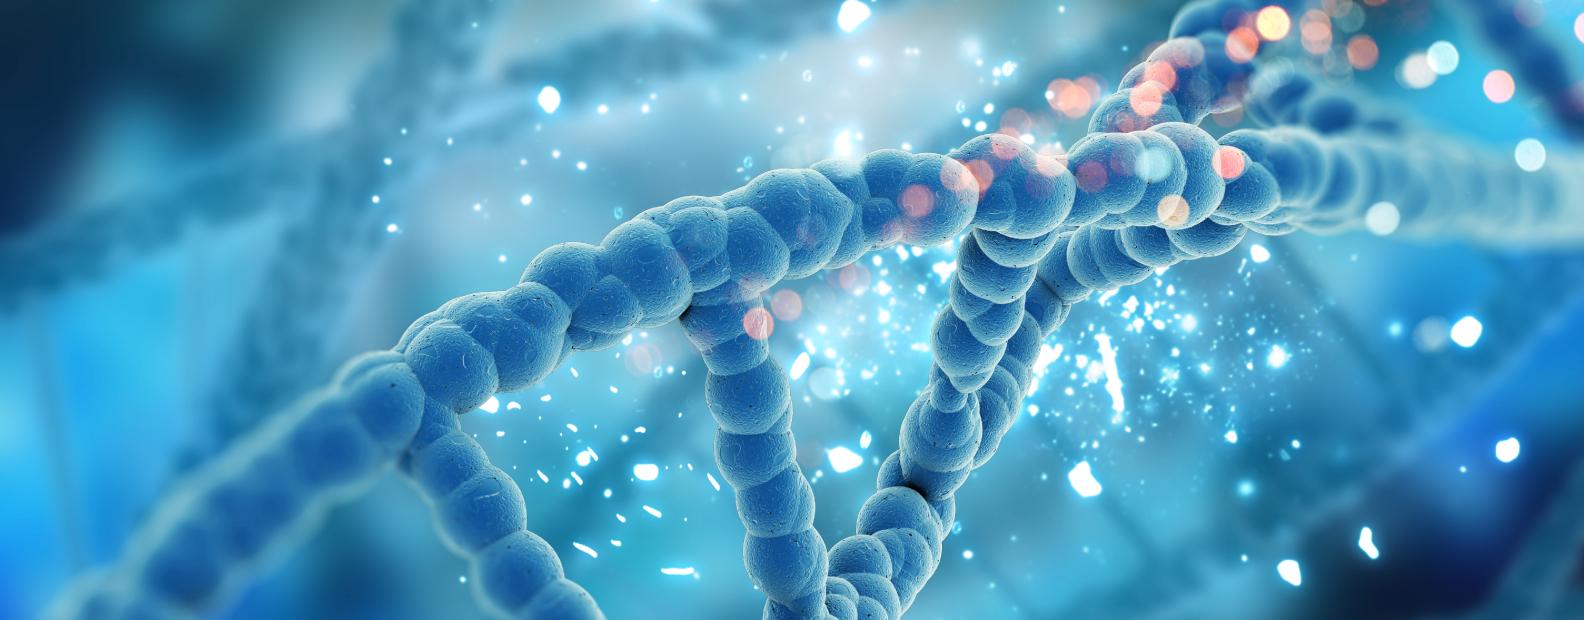 Los genes que podrían ponerte en mayor riesgo frente al Covid-19...